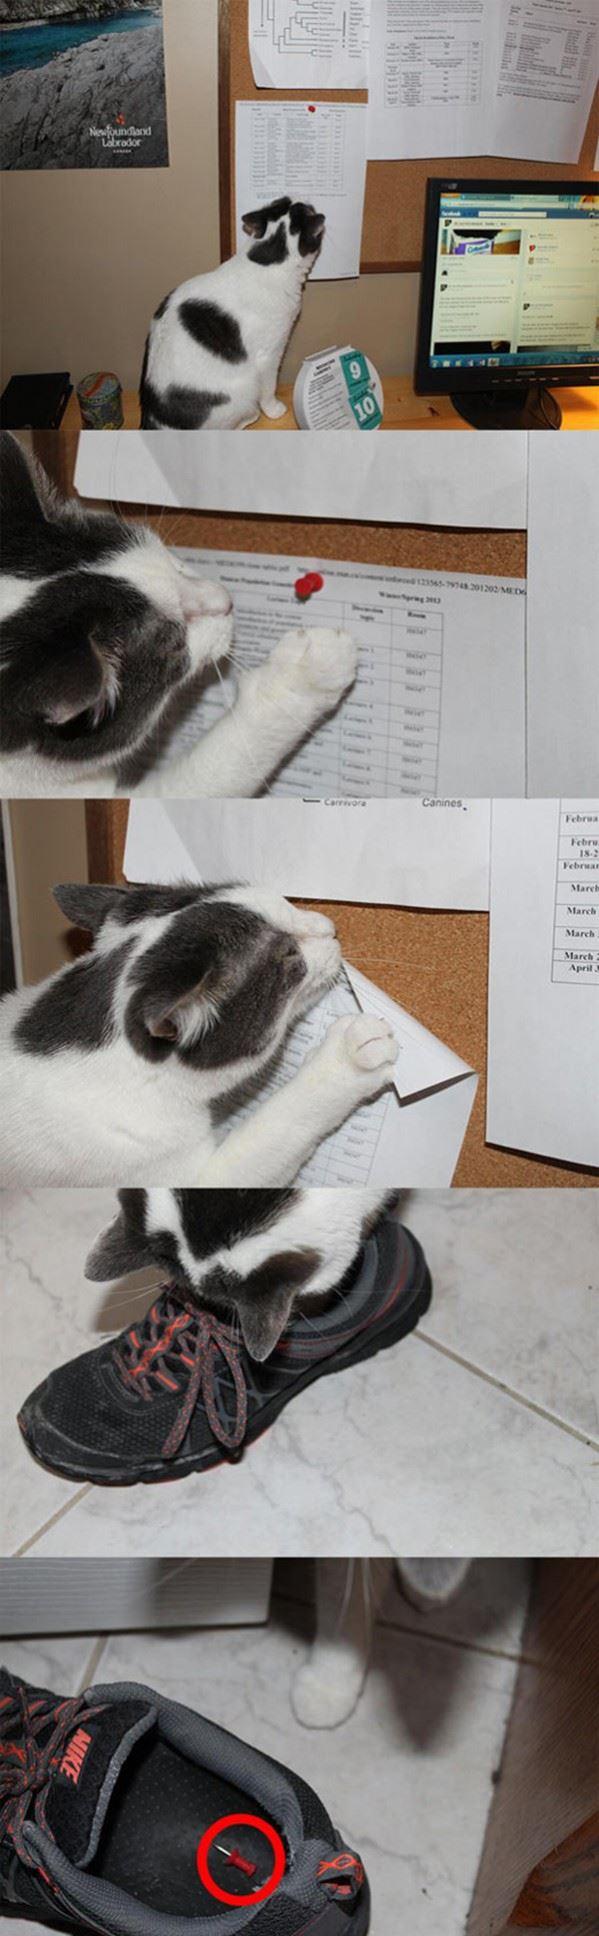 This cat is evil